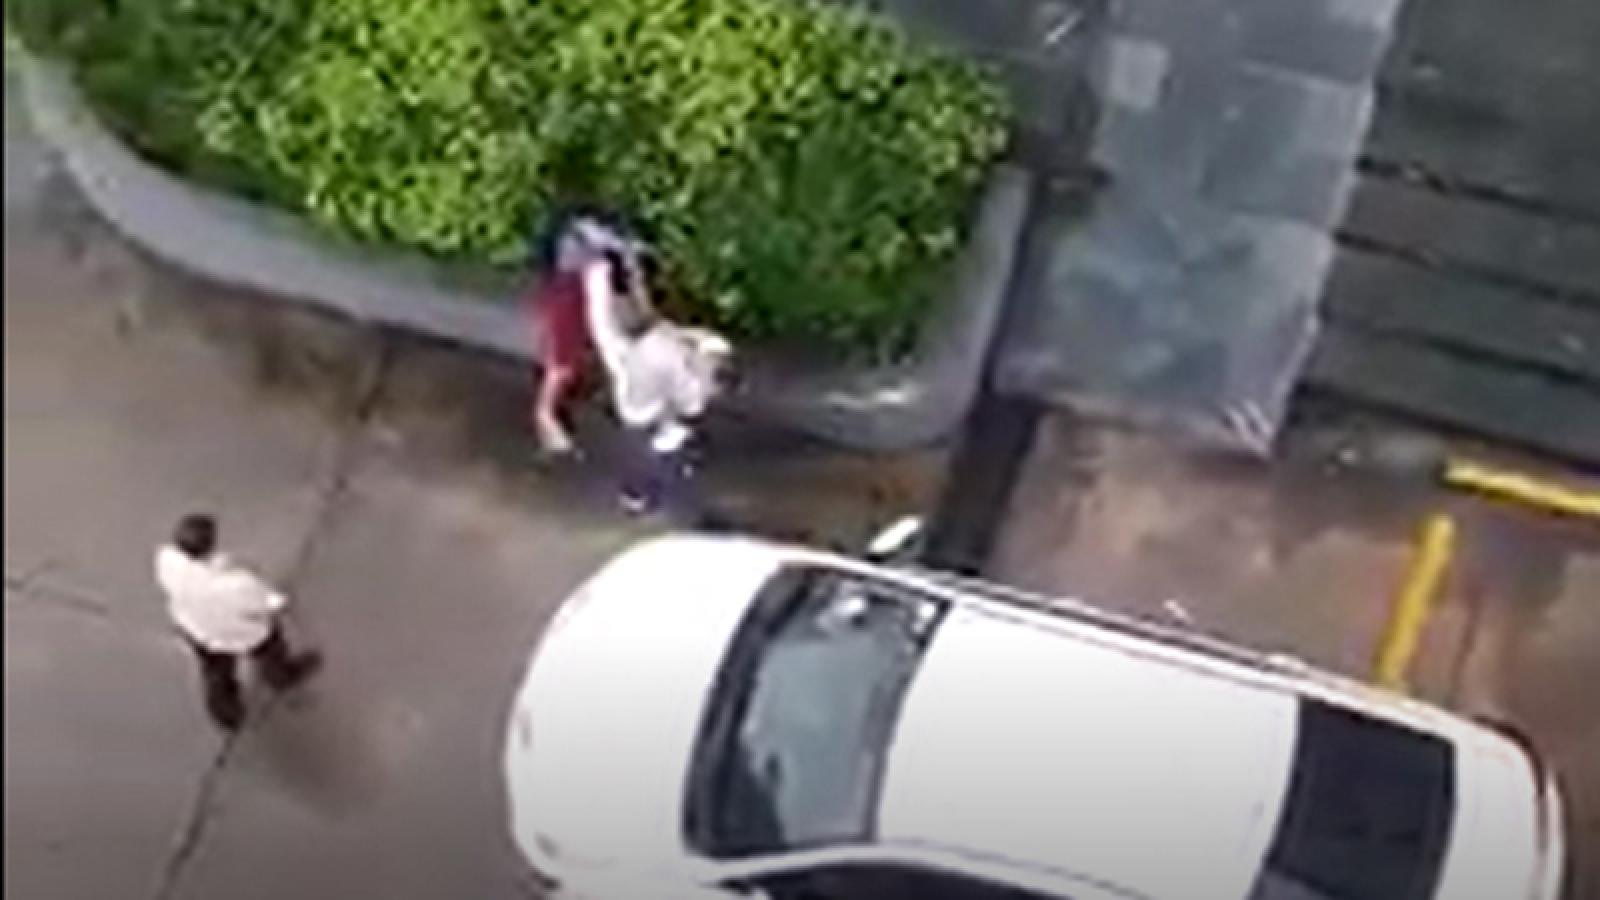 Người đàn ông hành hung 1 phụ nữ ở Bình Dương khiến dư luận phẫn nộ